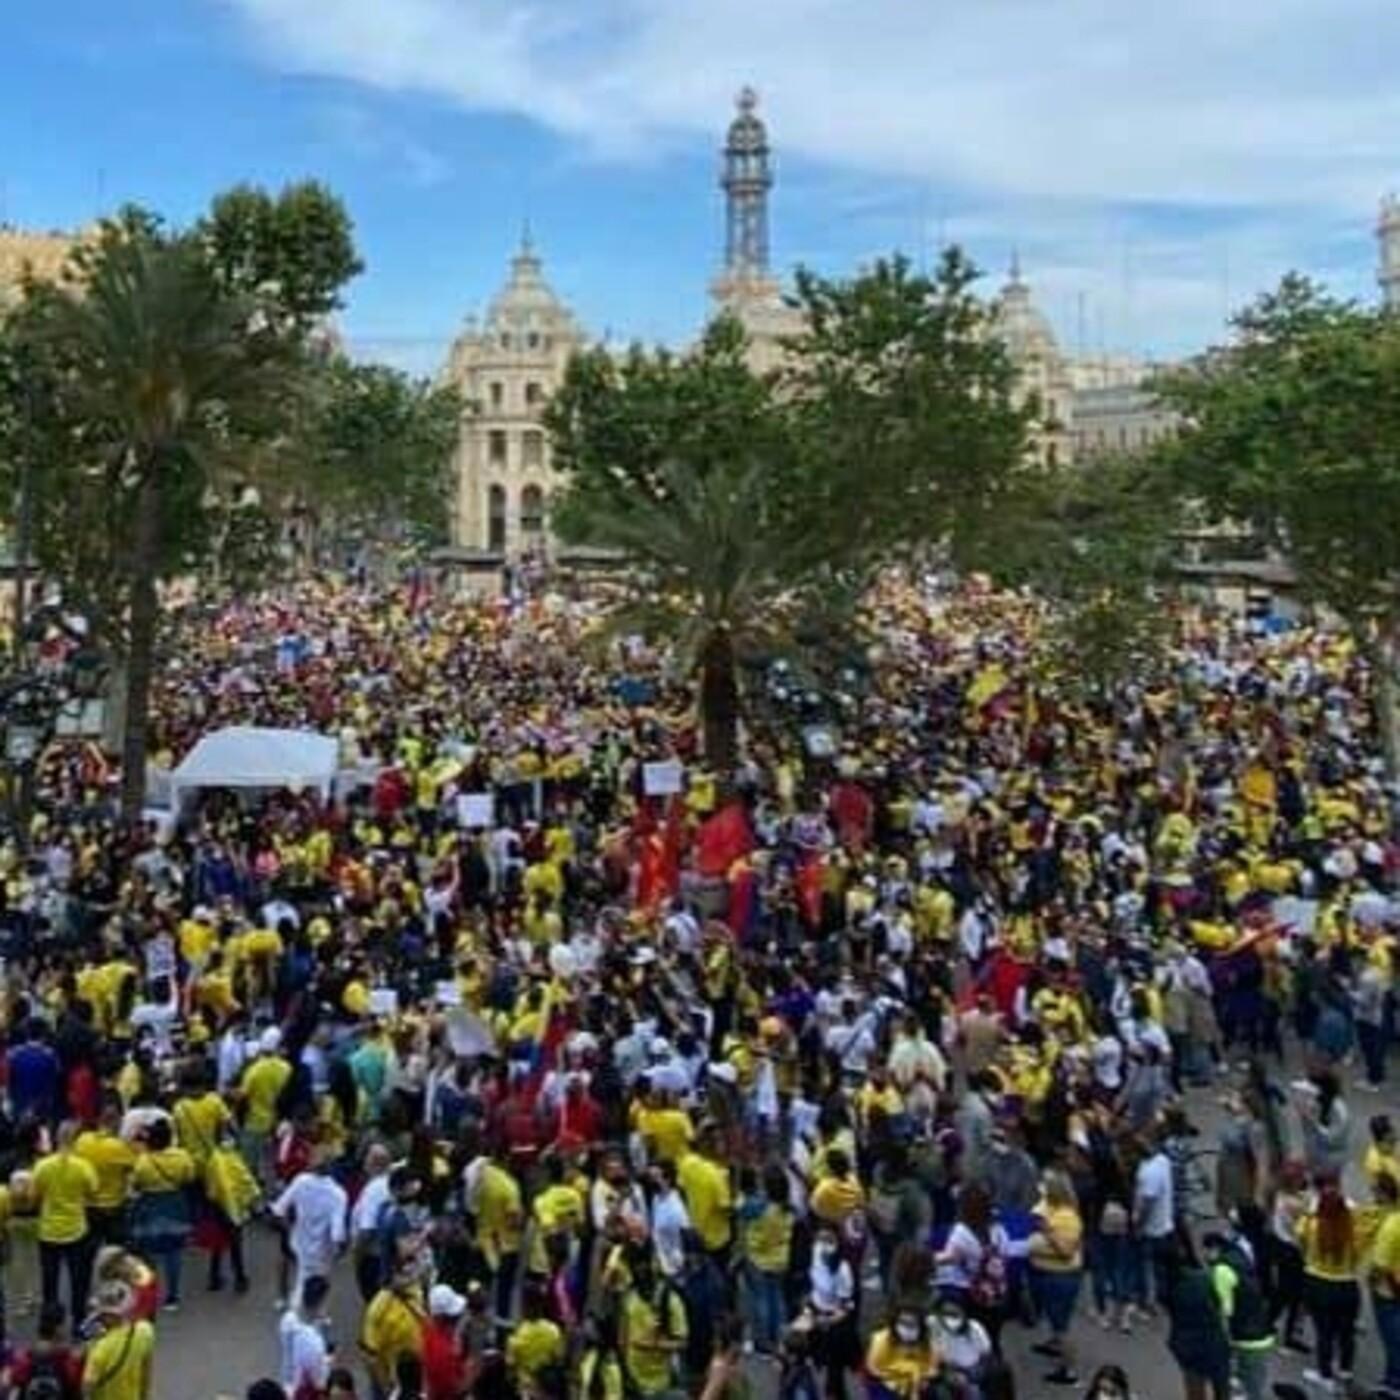 Movilización social y protestas en Colombia Parte II: Aunque estemos lejos, estamos con ustedes.